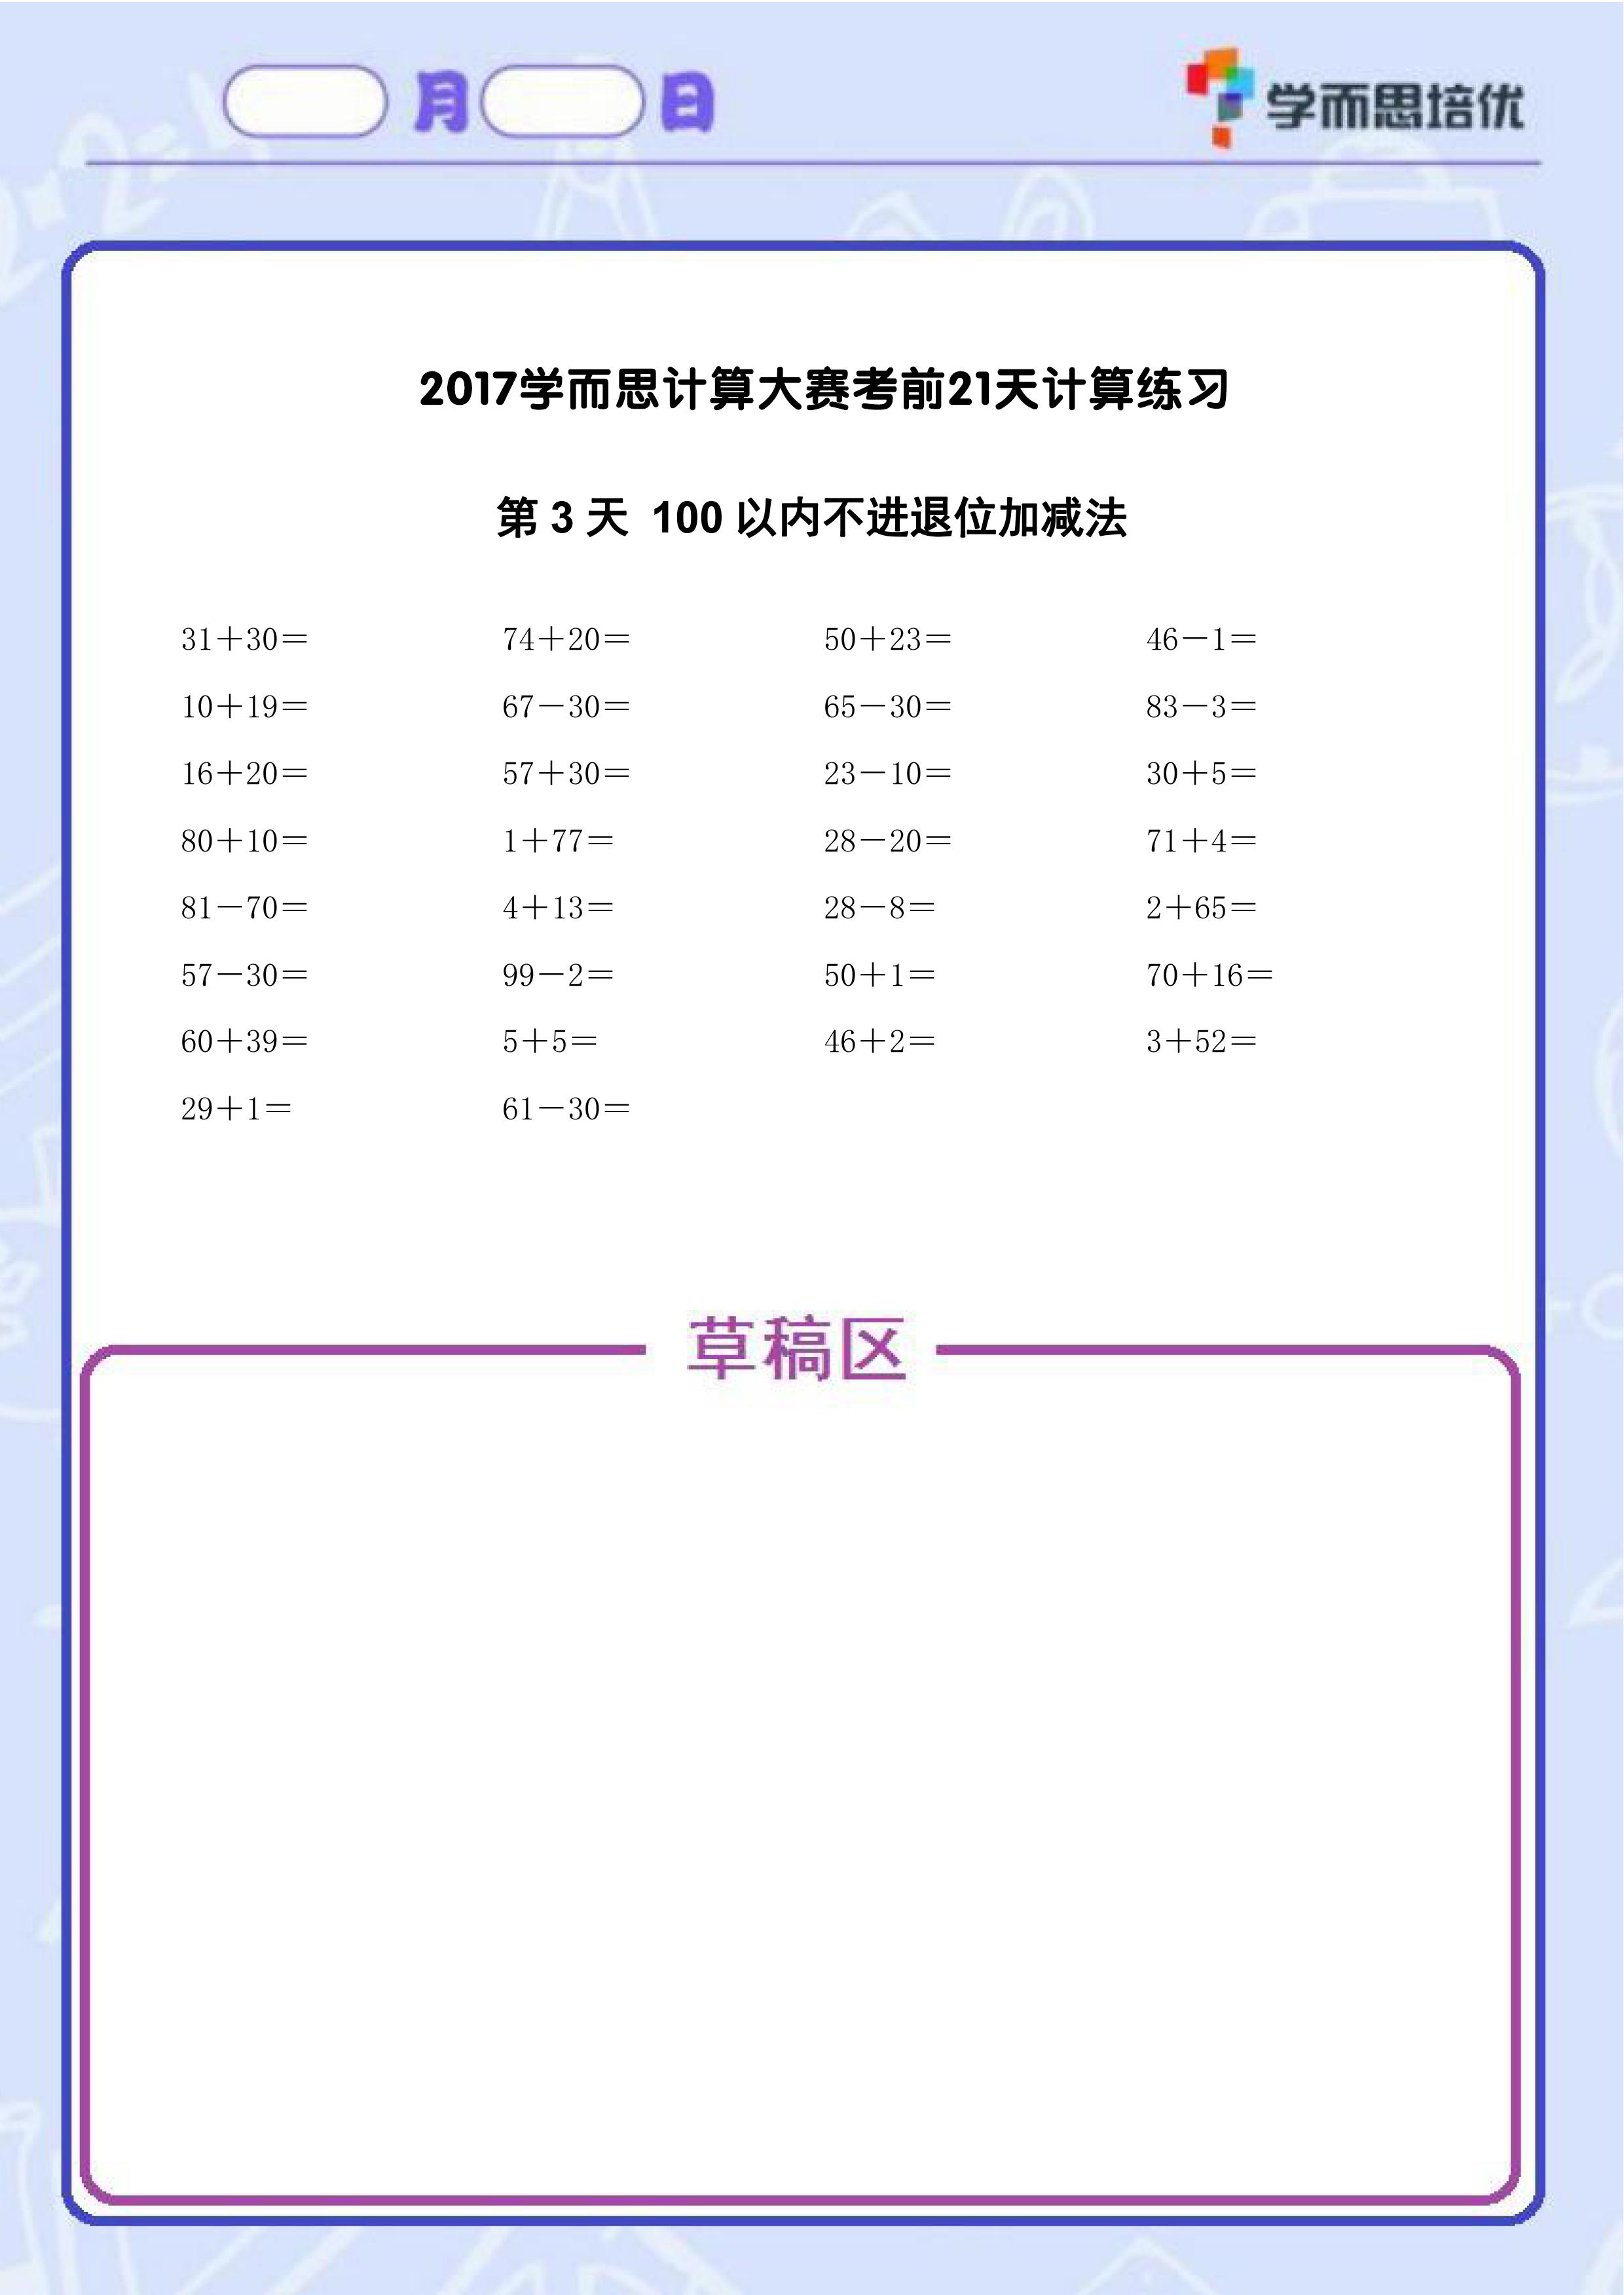 2017学而思计算大赛考前21天计算练习第3天(二年级).png